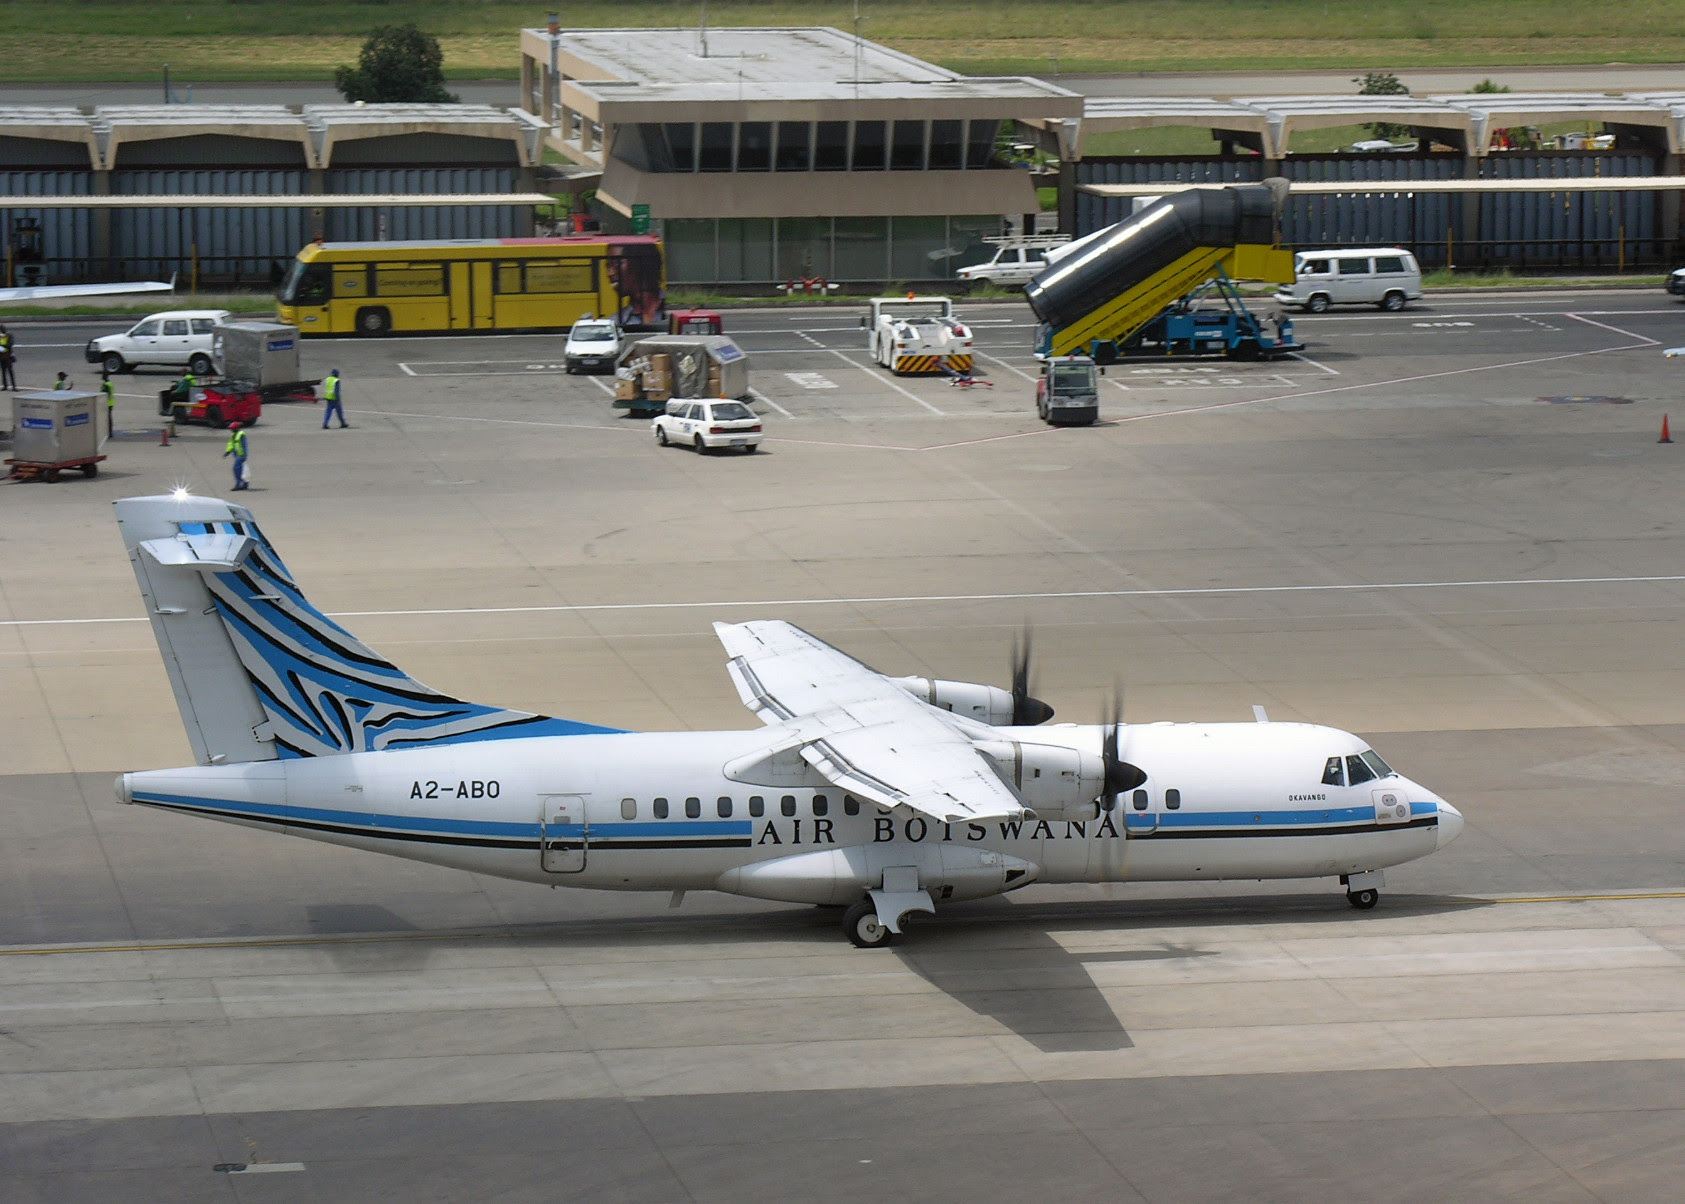 Air Botswana ATR 42